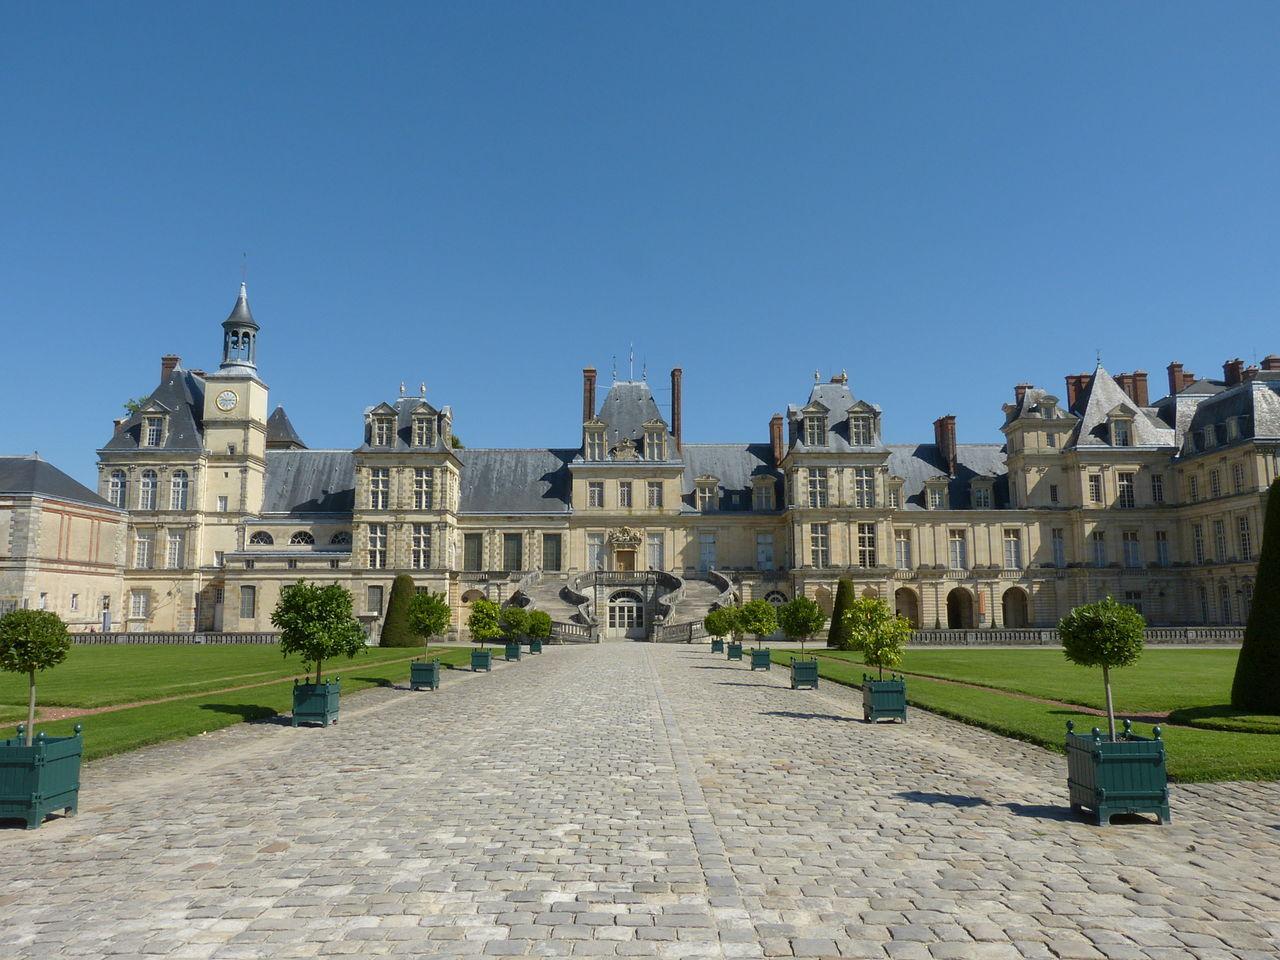 Chateau_de_Fontainebleau_3.jpg